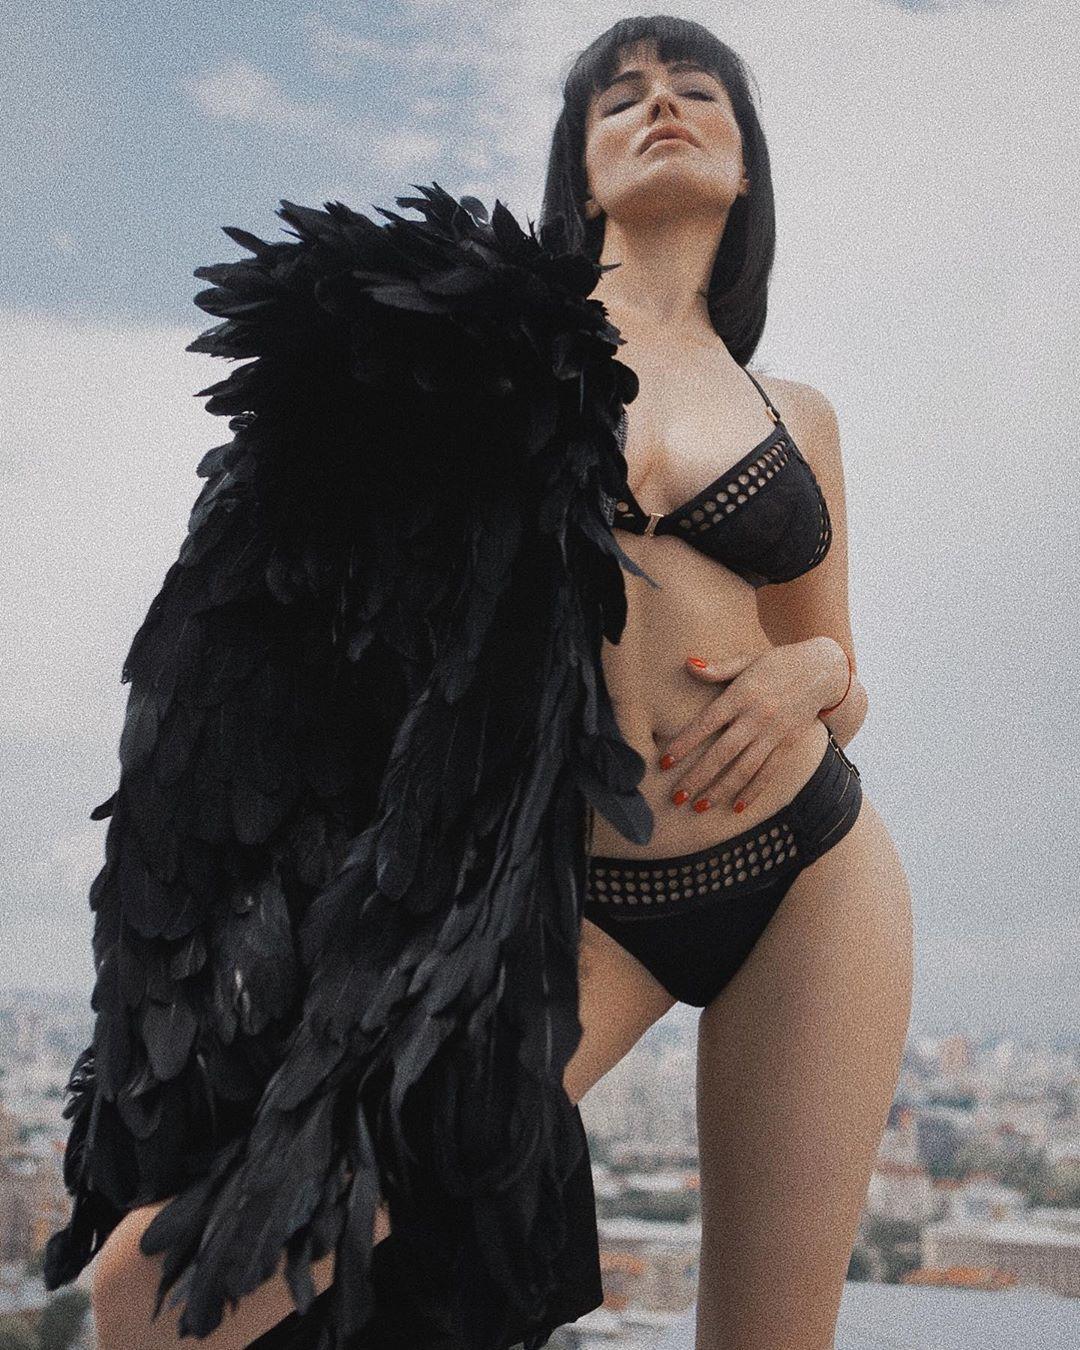 Даша показала фото / instagram.com/da_astafieva